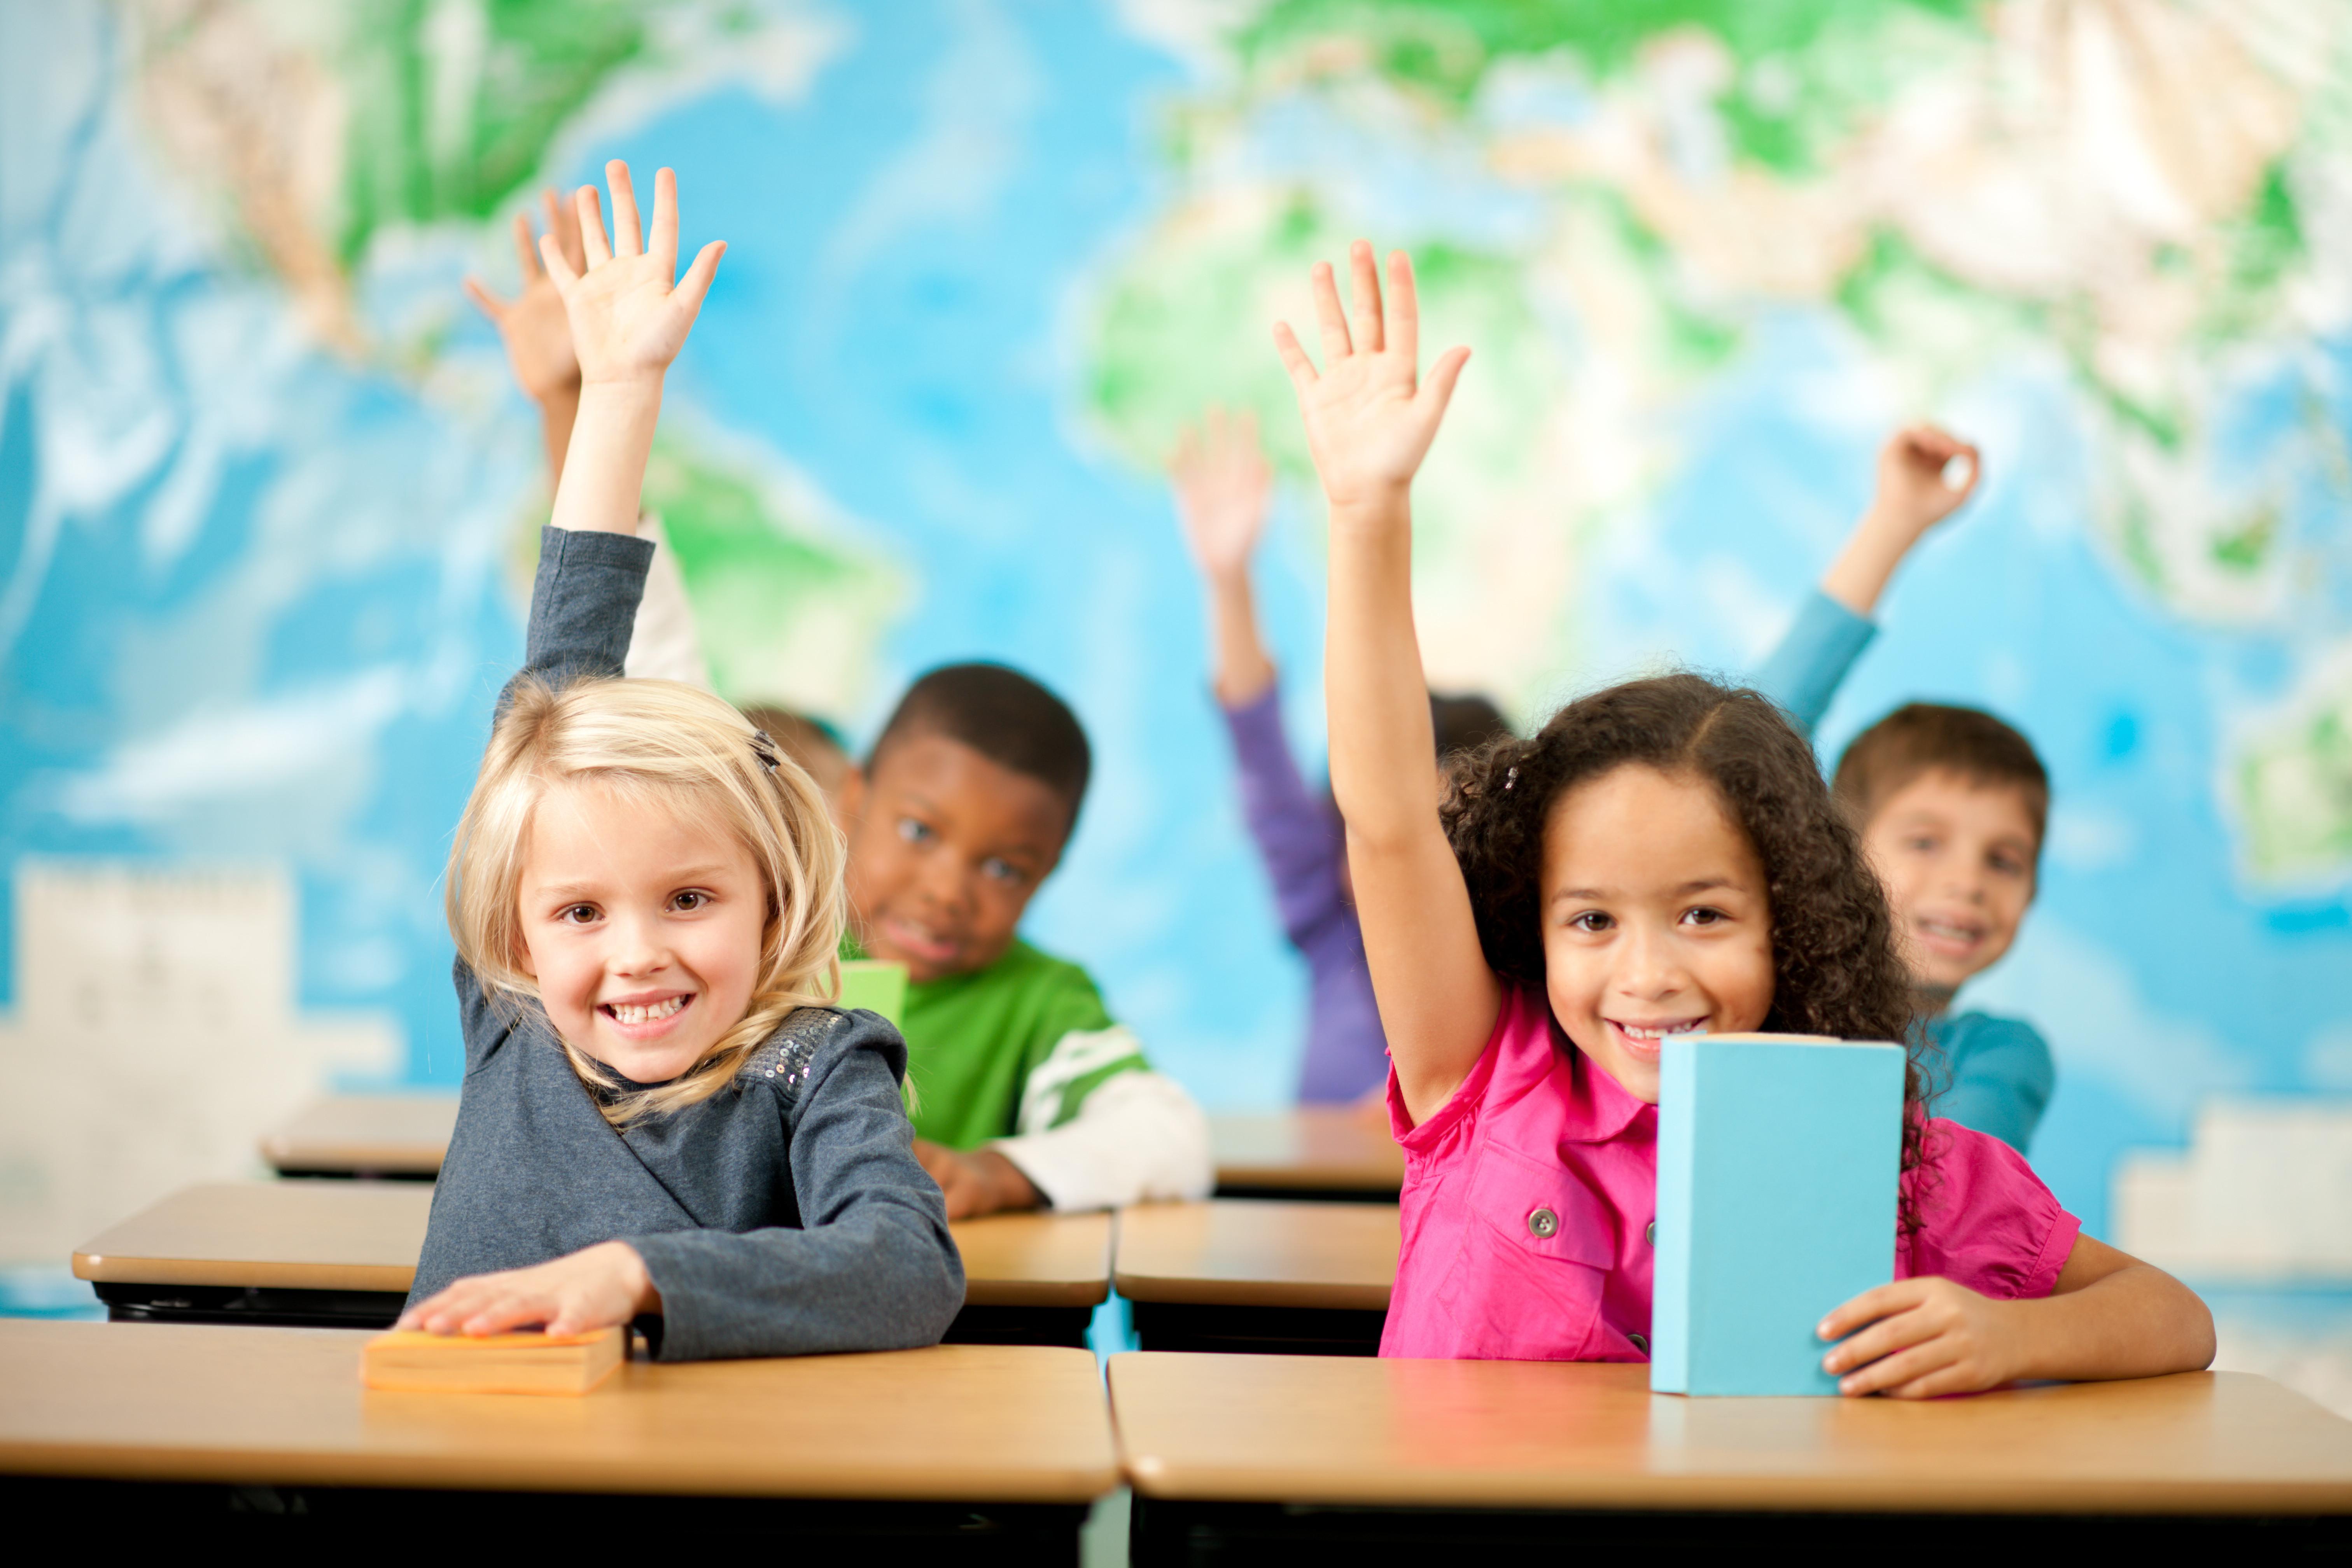 рисунки о школе фото какого